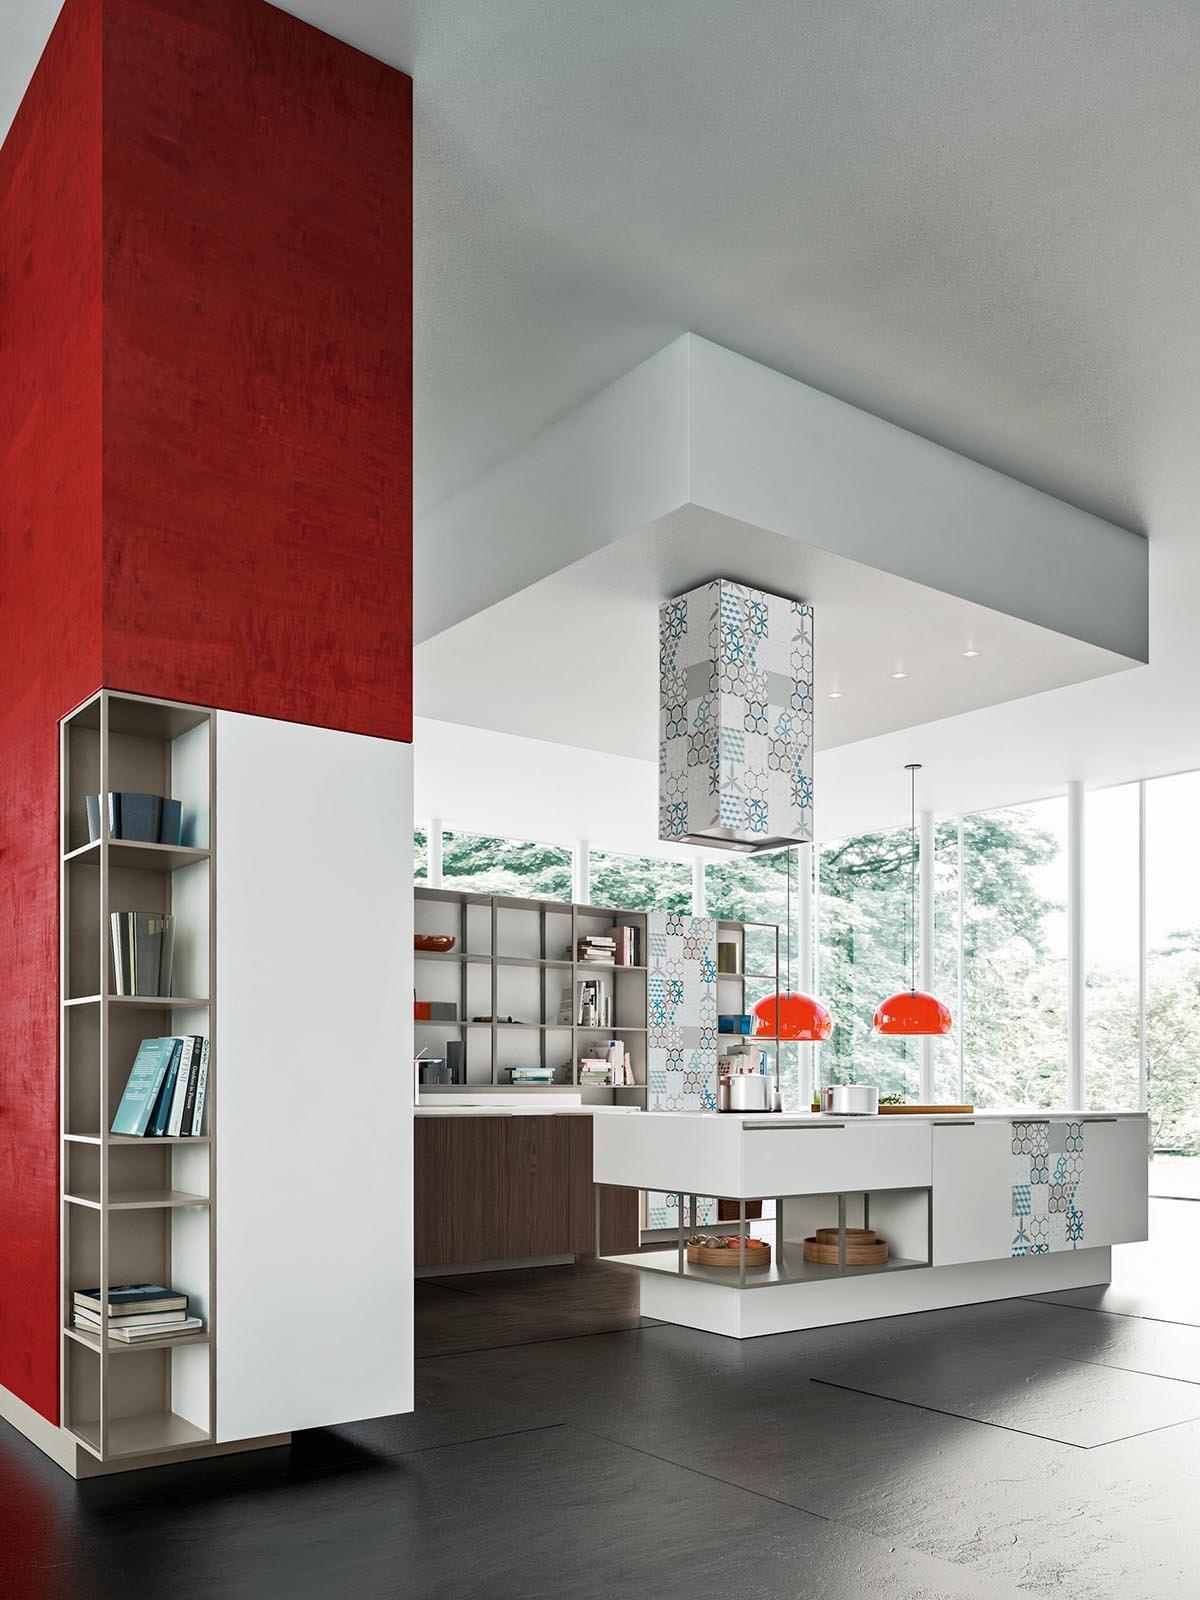 Superfici E Grafismi Cromatici Contempla Anche Una Soluzione A Isola  #791F1B 1200 1600 Immagini Cucine In Muratura Antiche